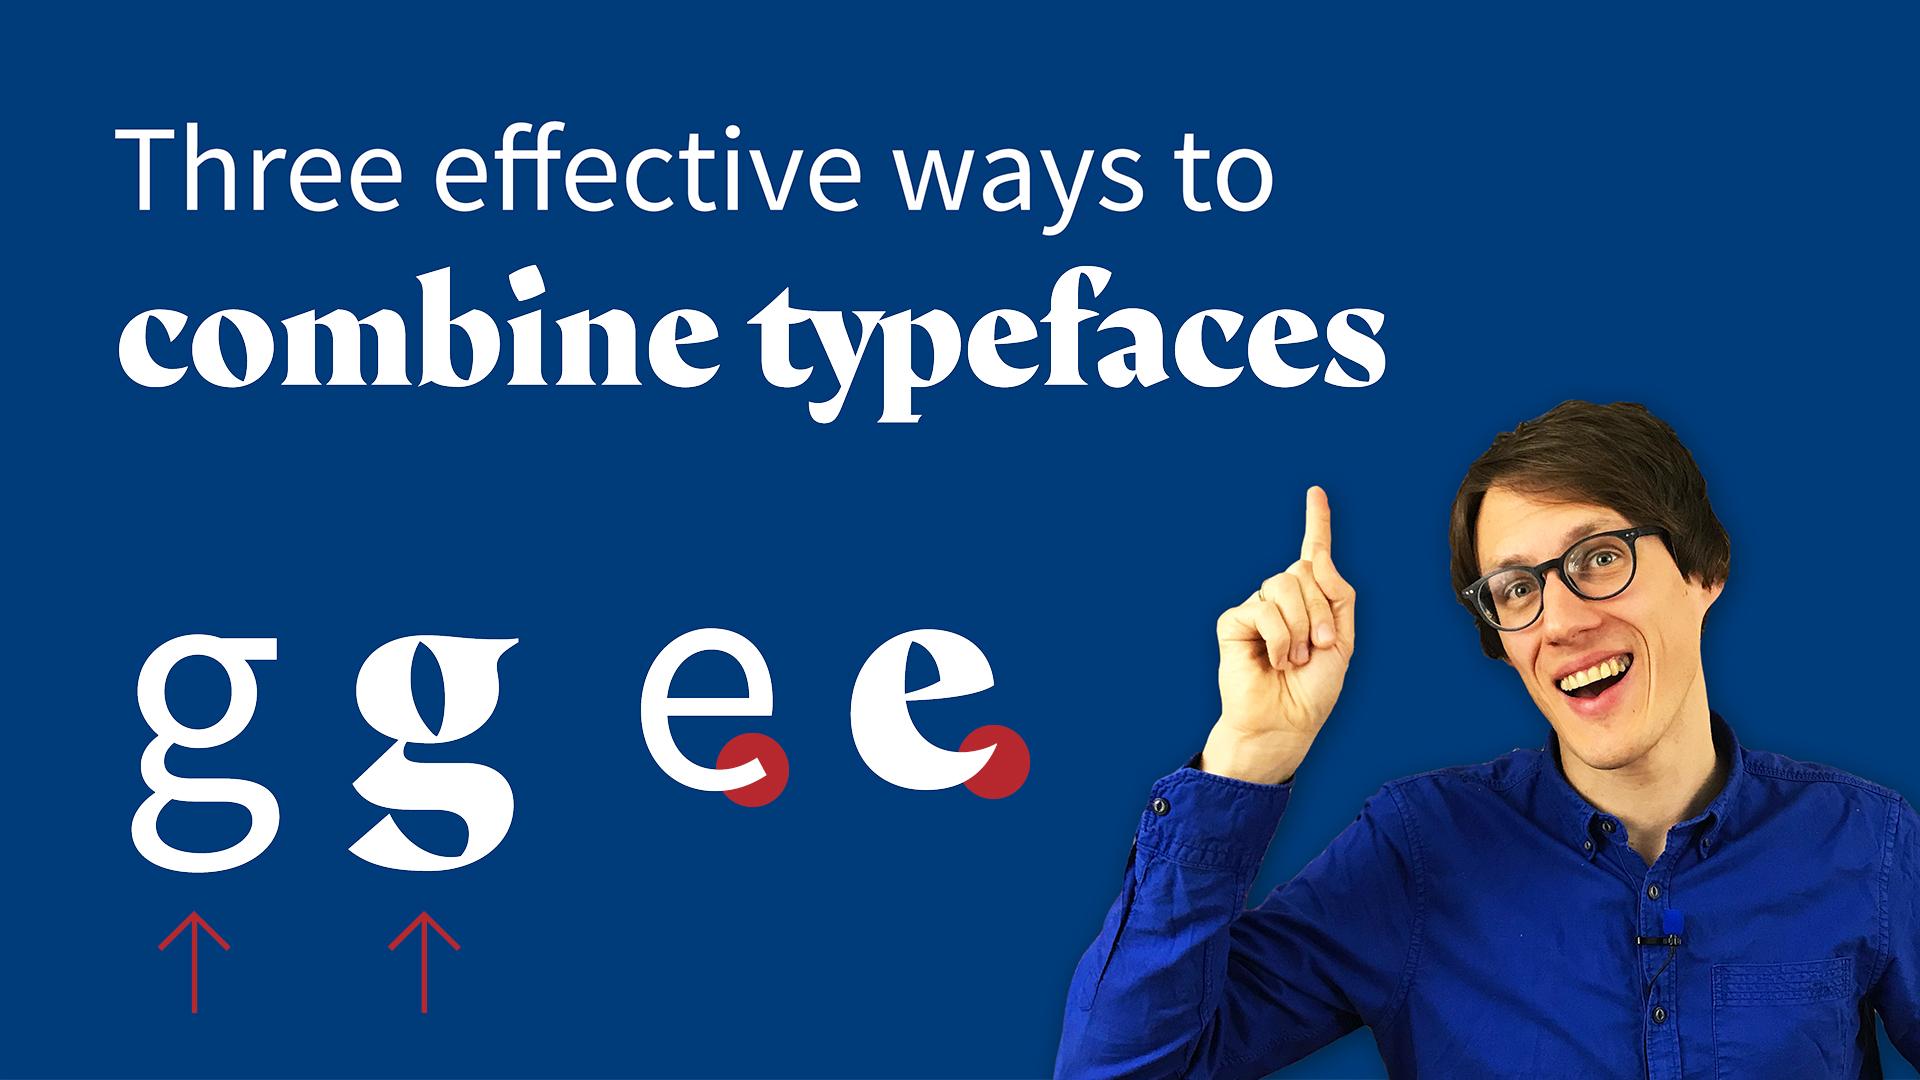 Three effective ways to combine typefaces